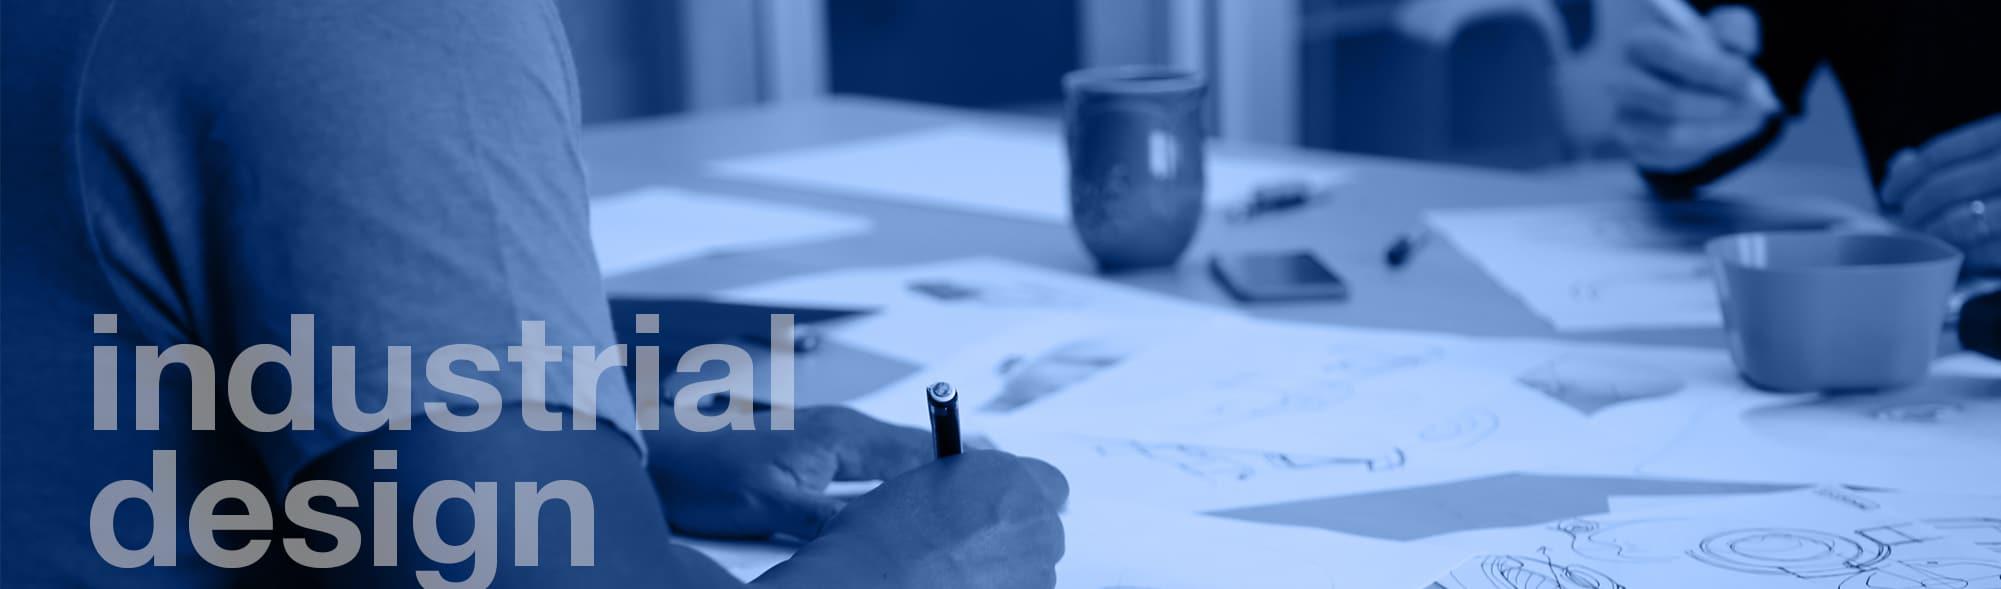 Industrial design services consumer electronics product for Industrial design product development